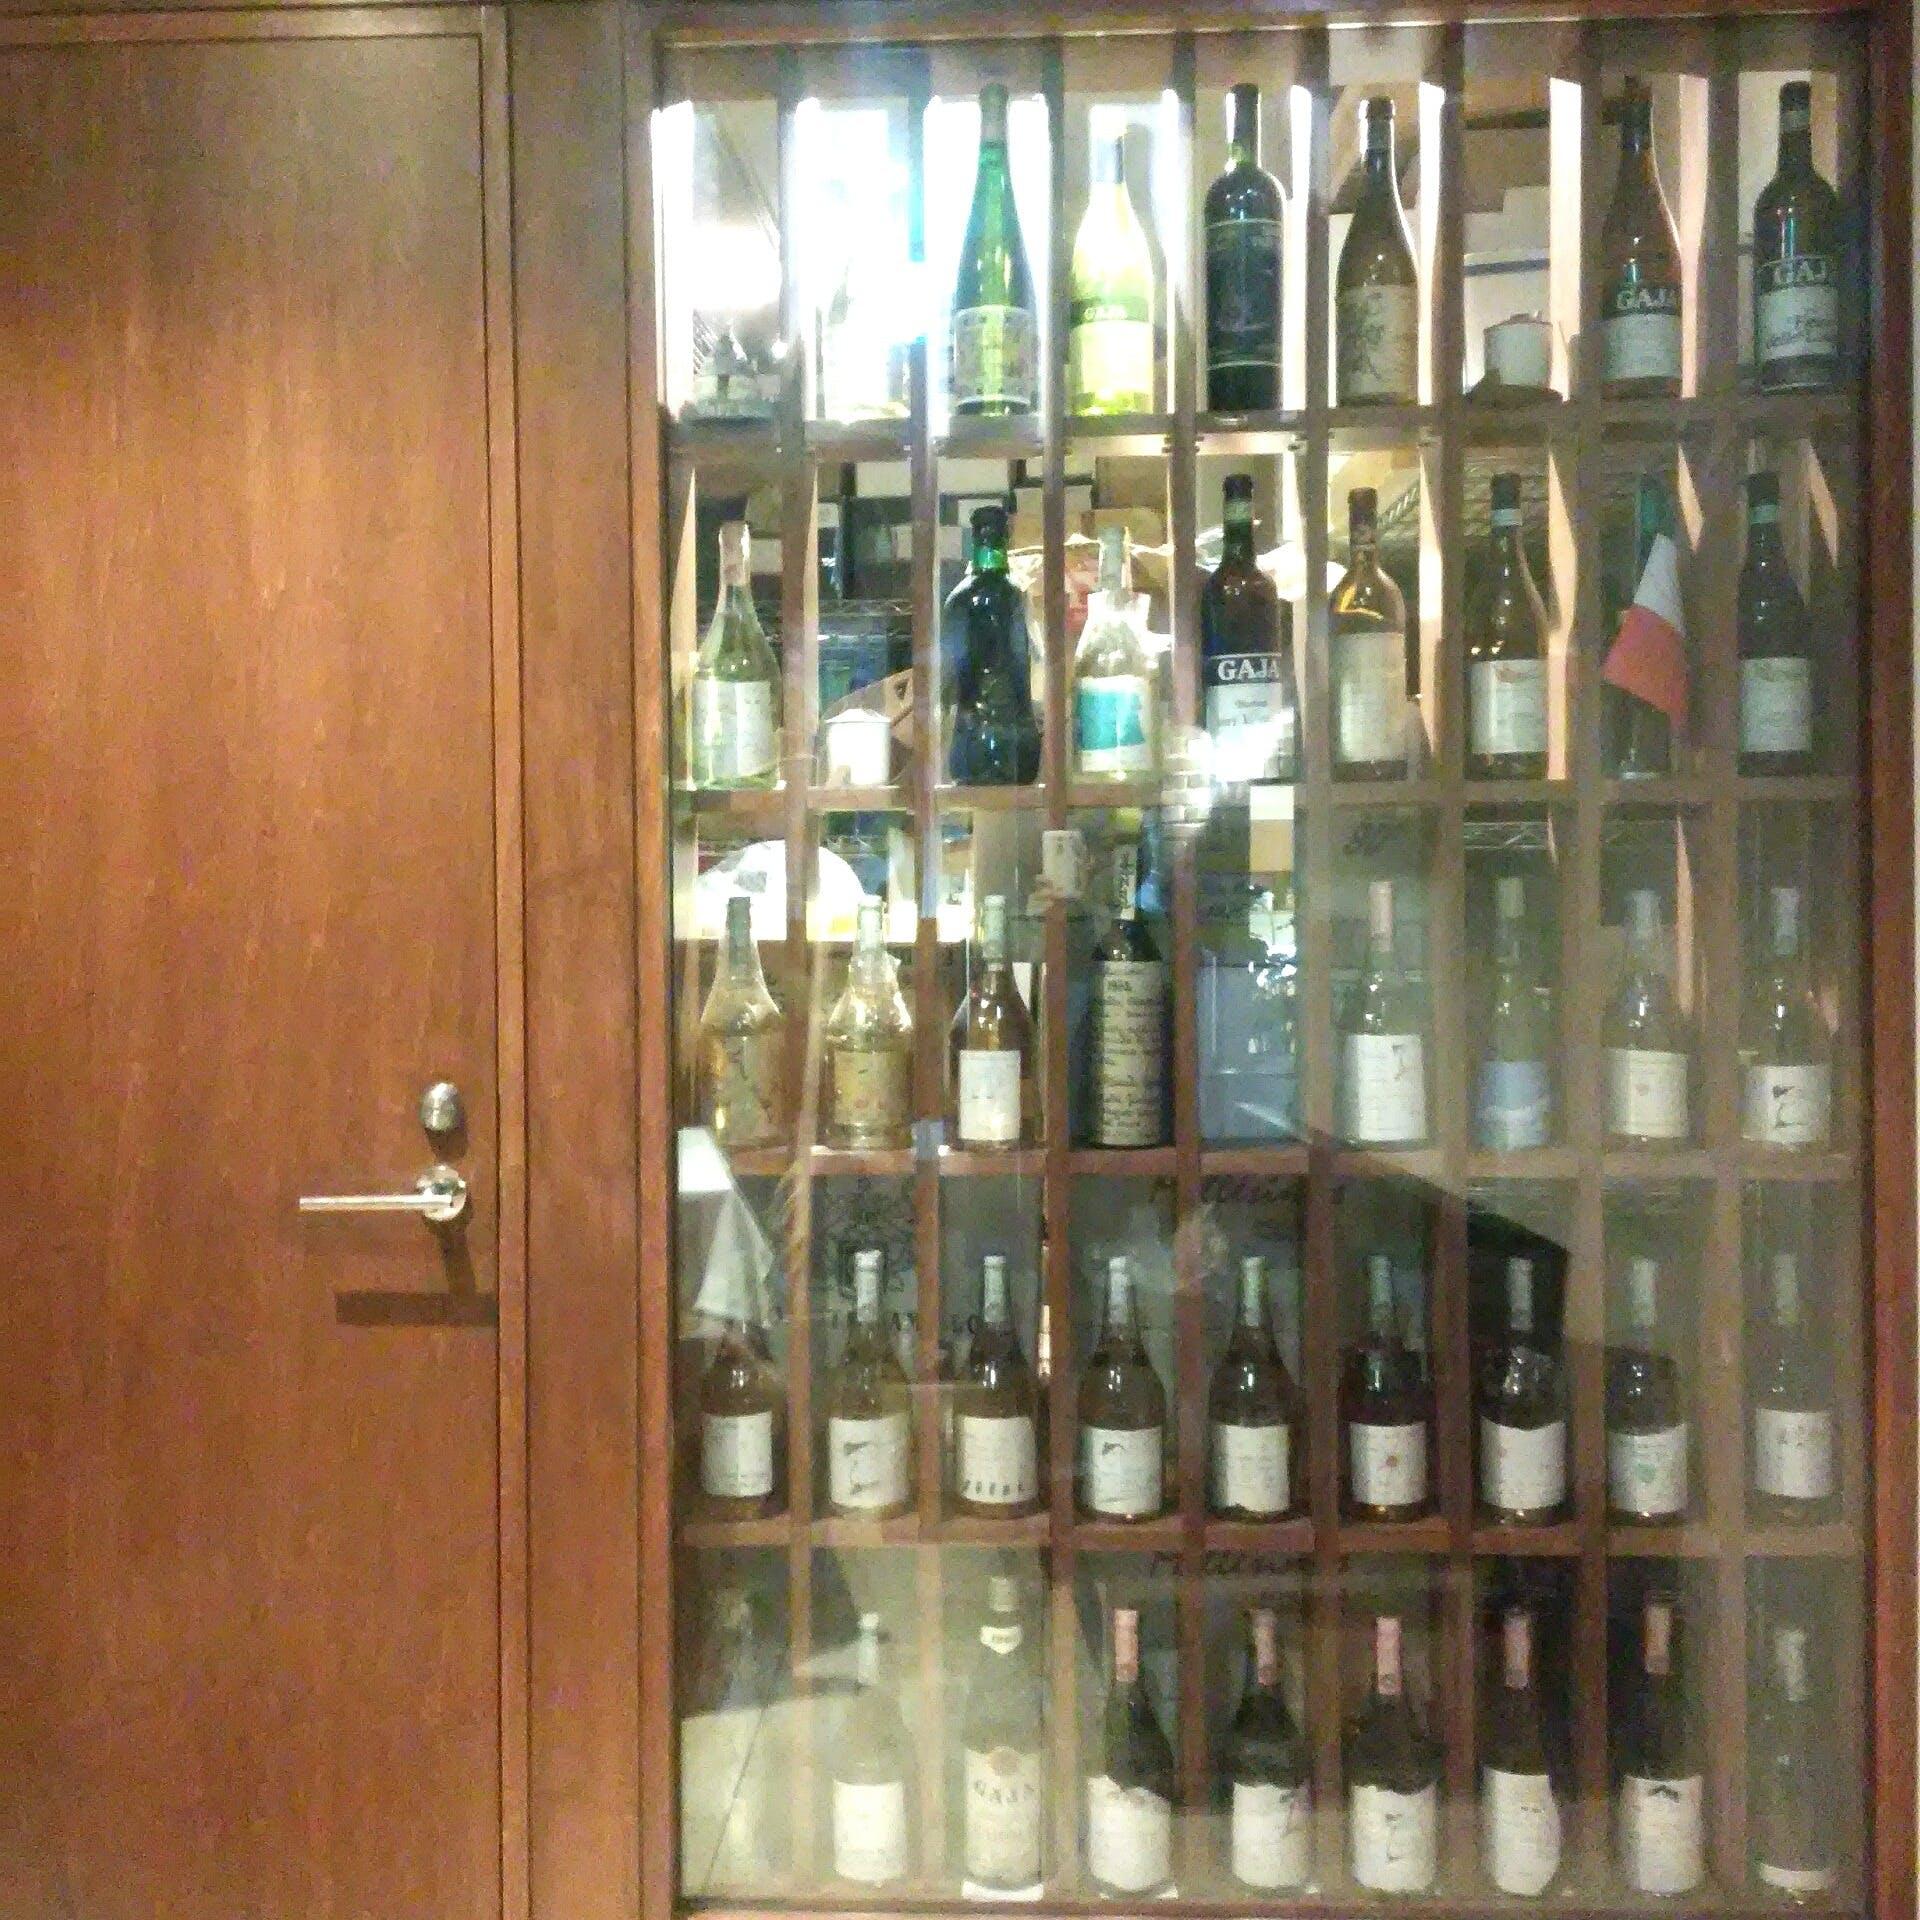 イタリア産オールドヴィンテージを含む500種類以上のワインをご用意